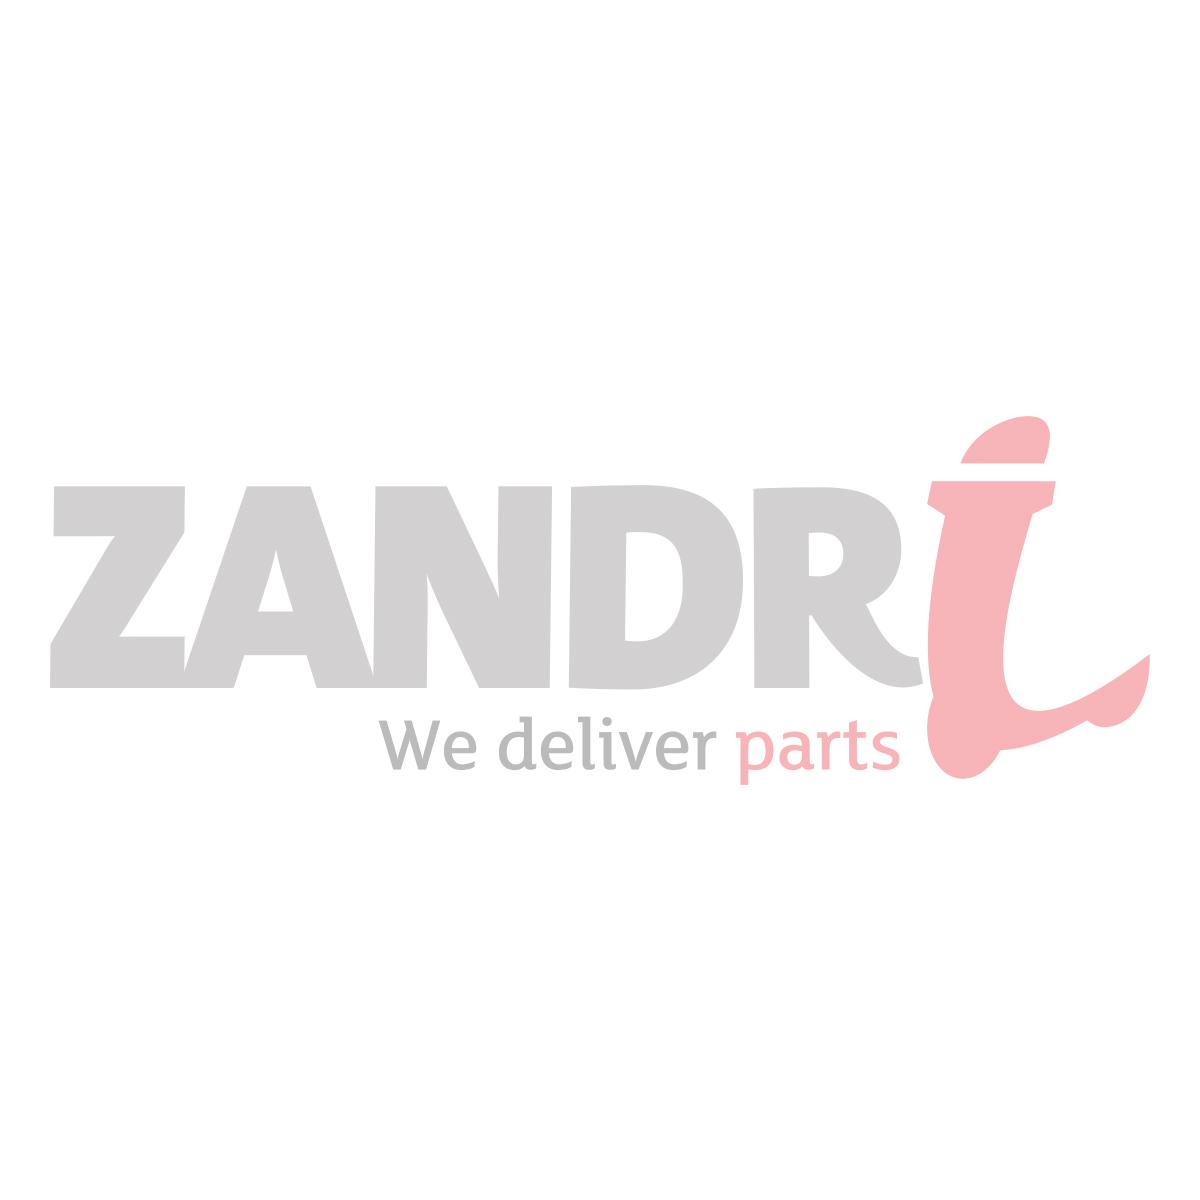 Honda Wallaroo cilinders / carburateurs